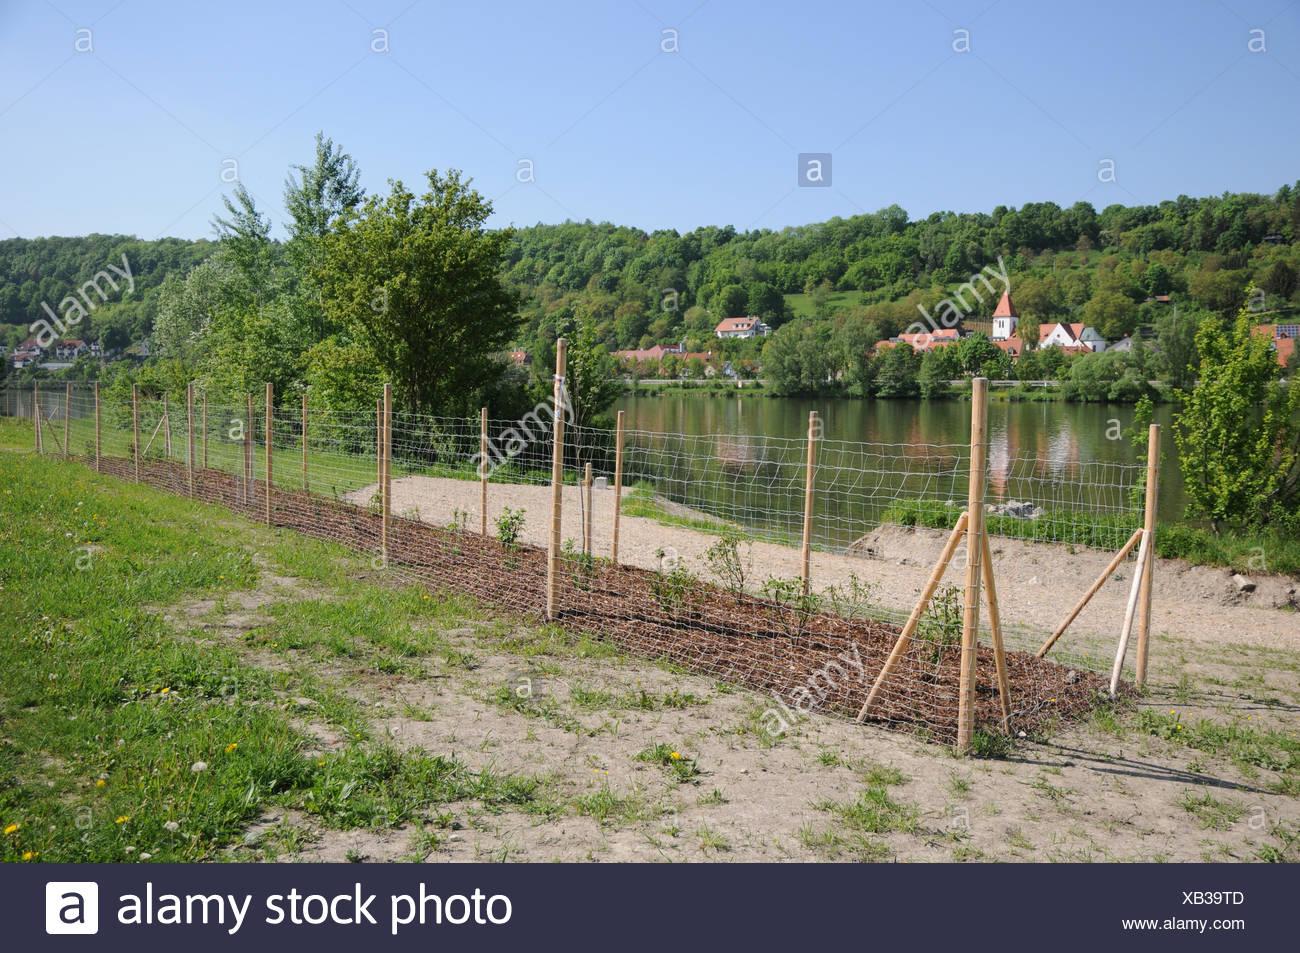 Faszinierend Super Zaun Ideen Von Danube River-bank With Gravel